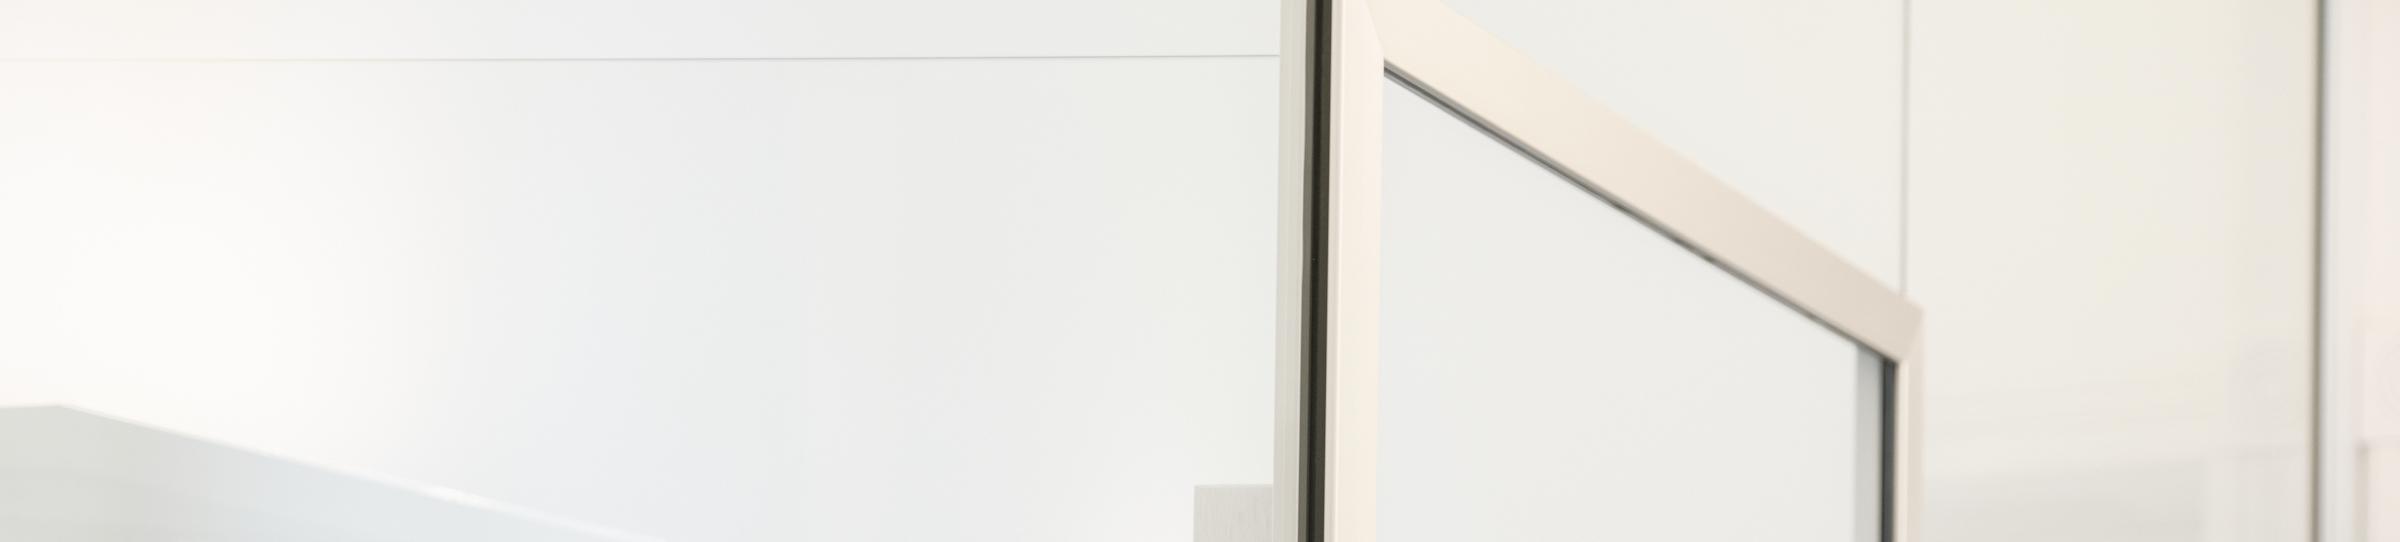 KG 185670052 Blinkleuchte Links DAPA GmbH /& Co